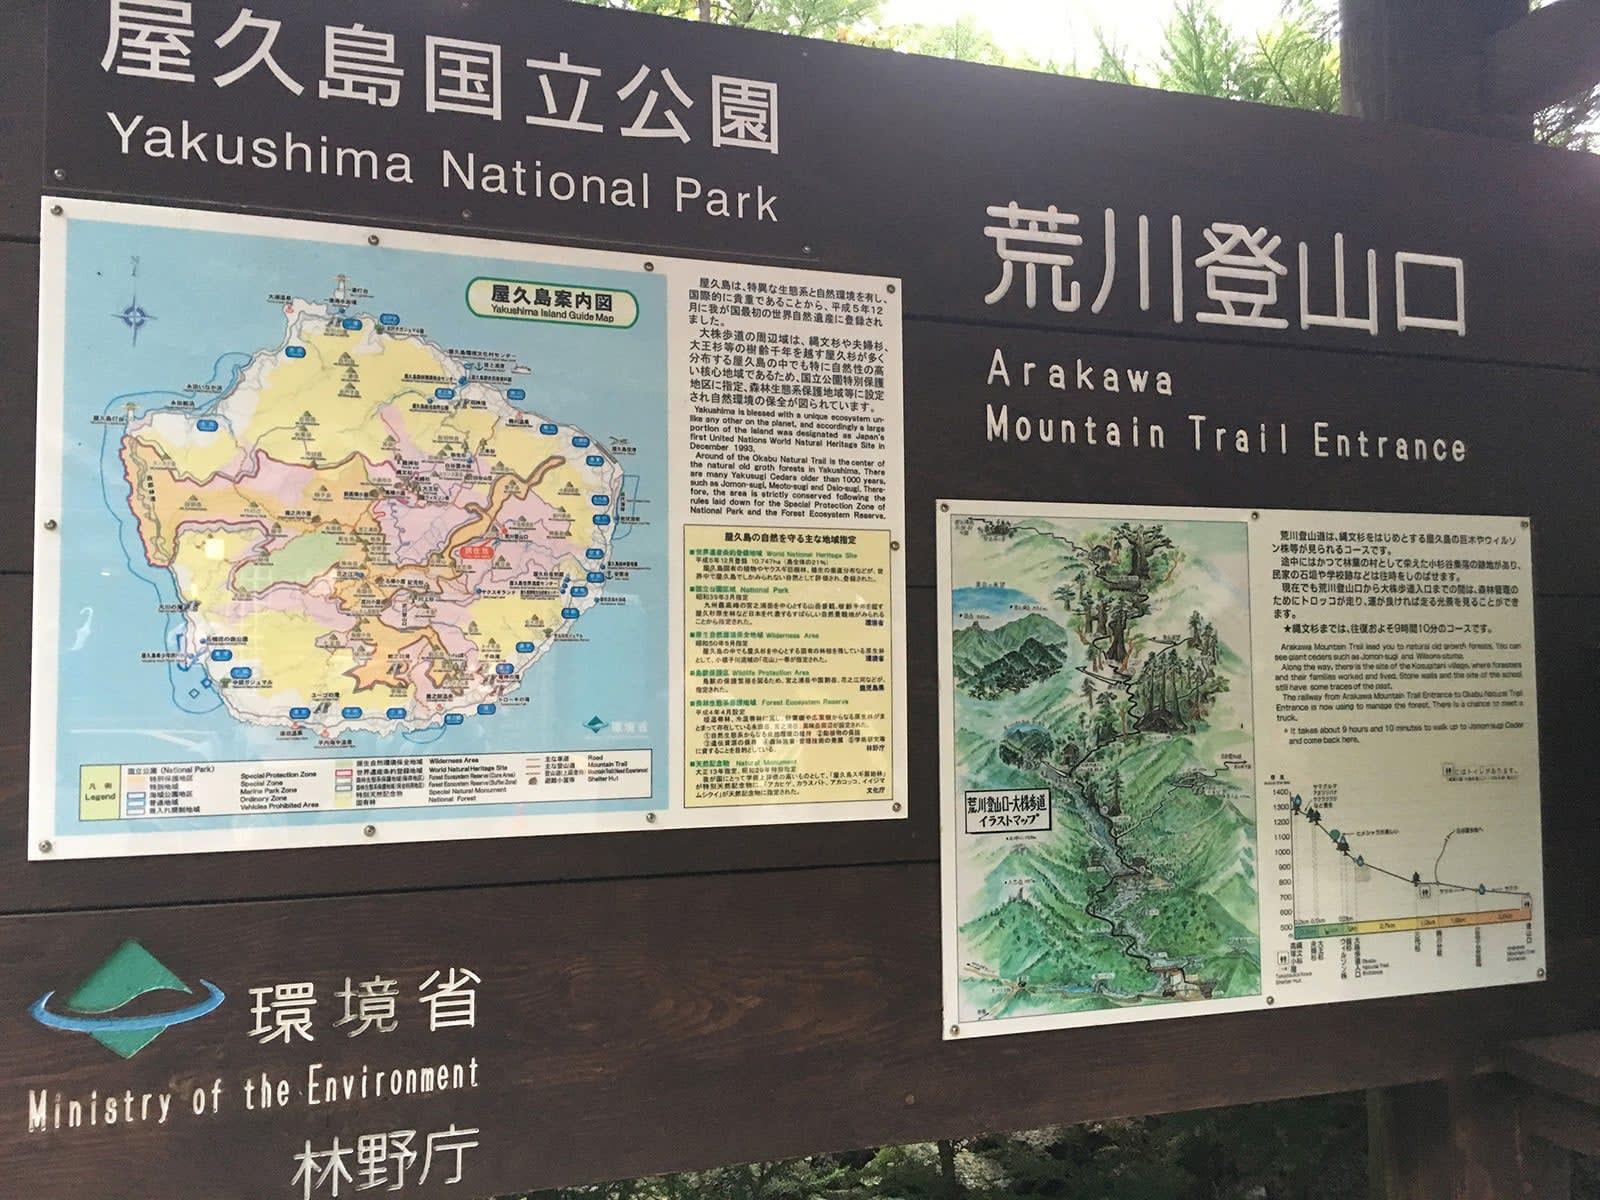 du lịch yakushima - arakawa mountain trail